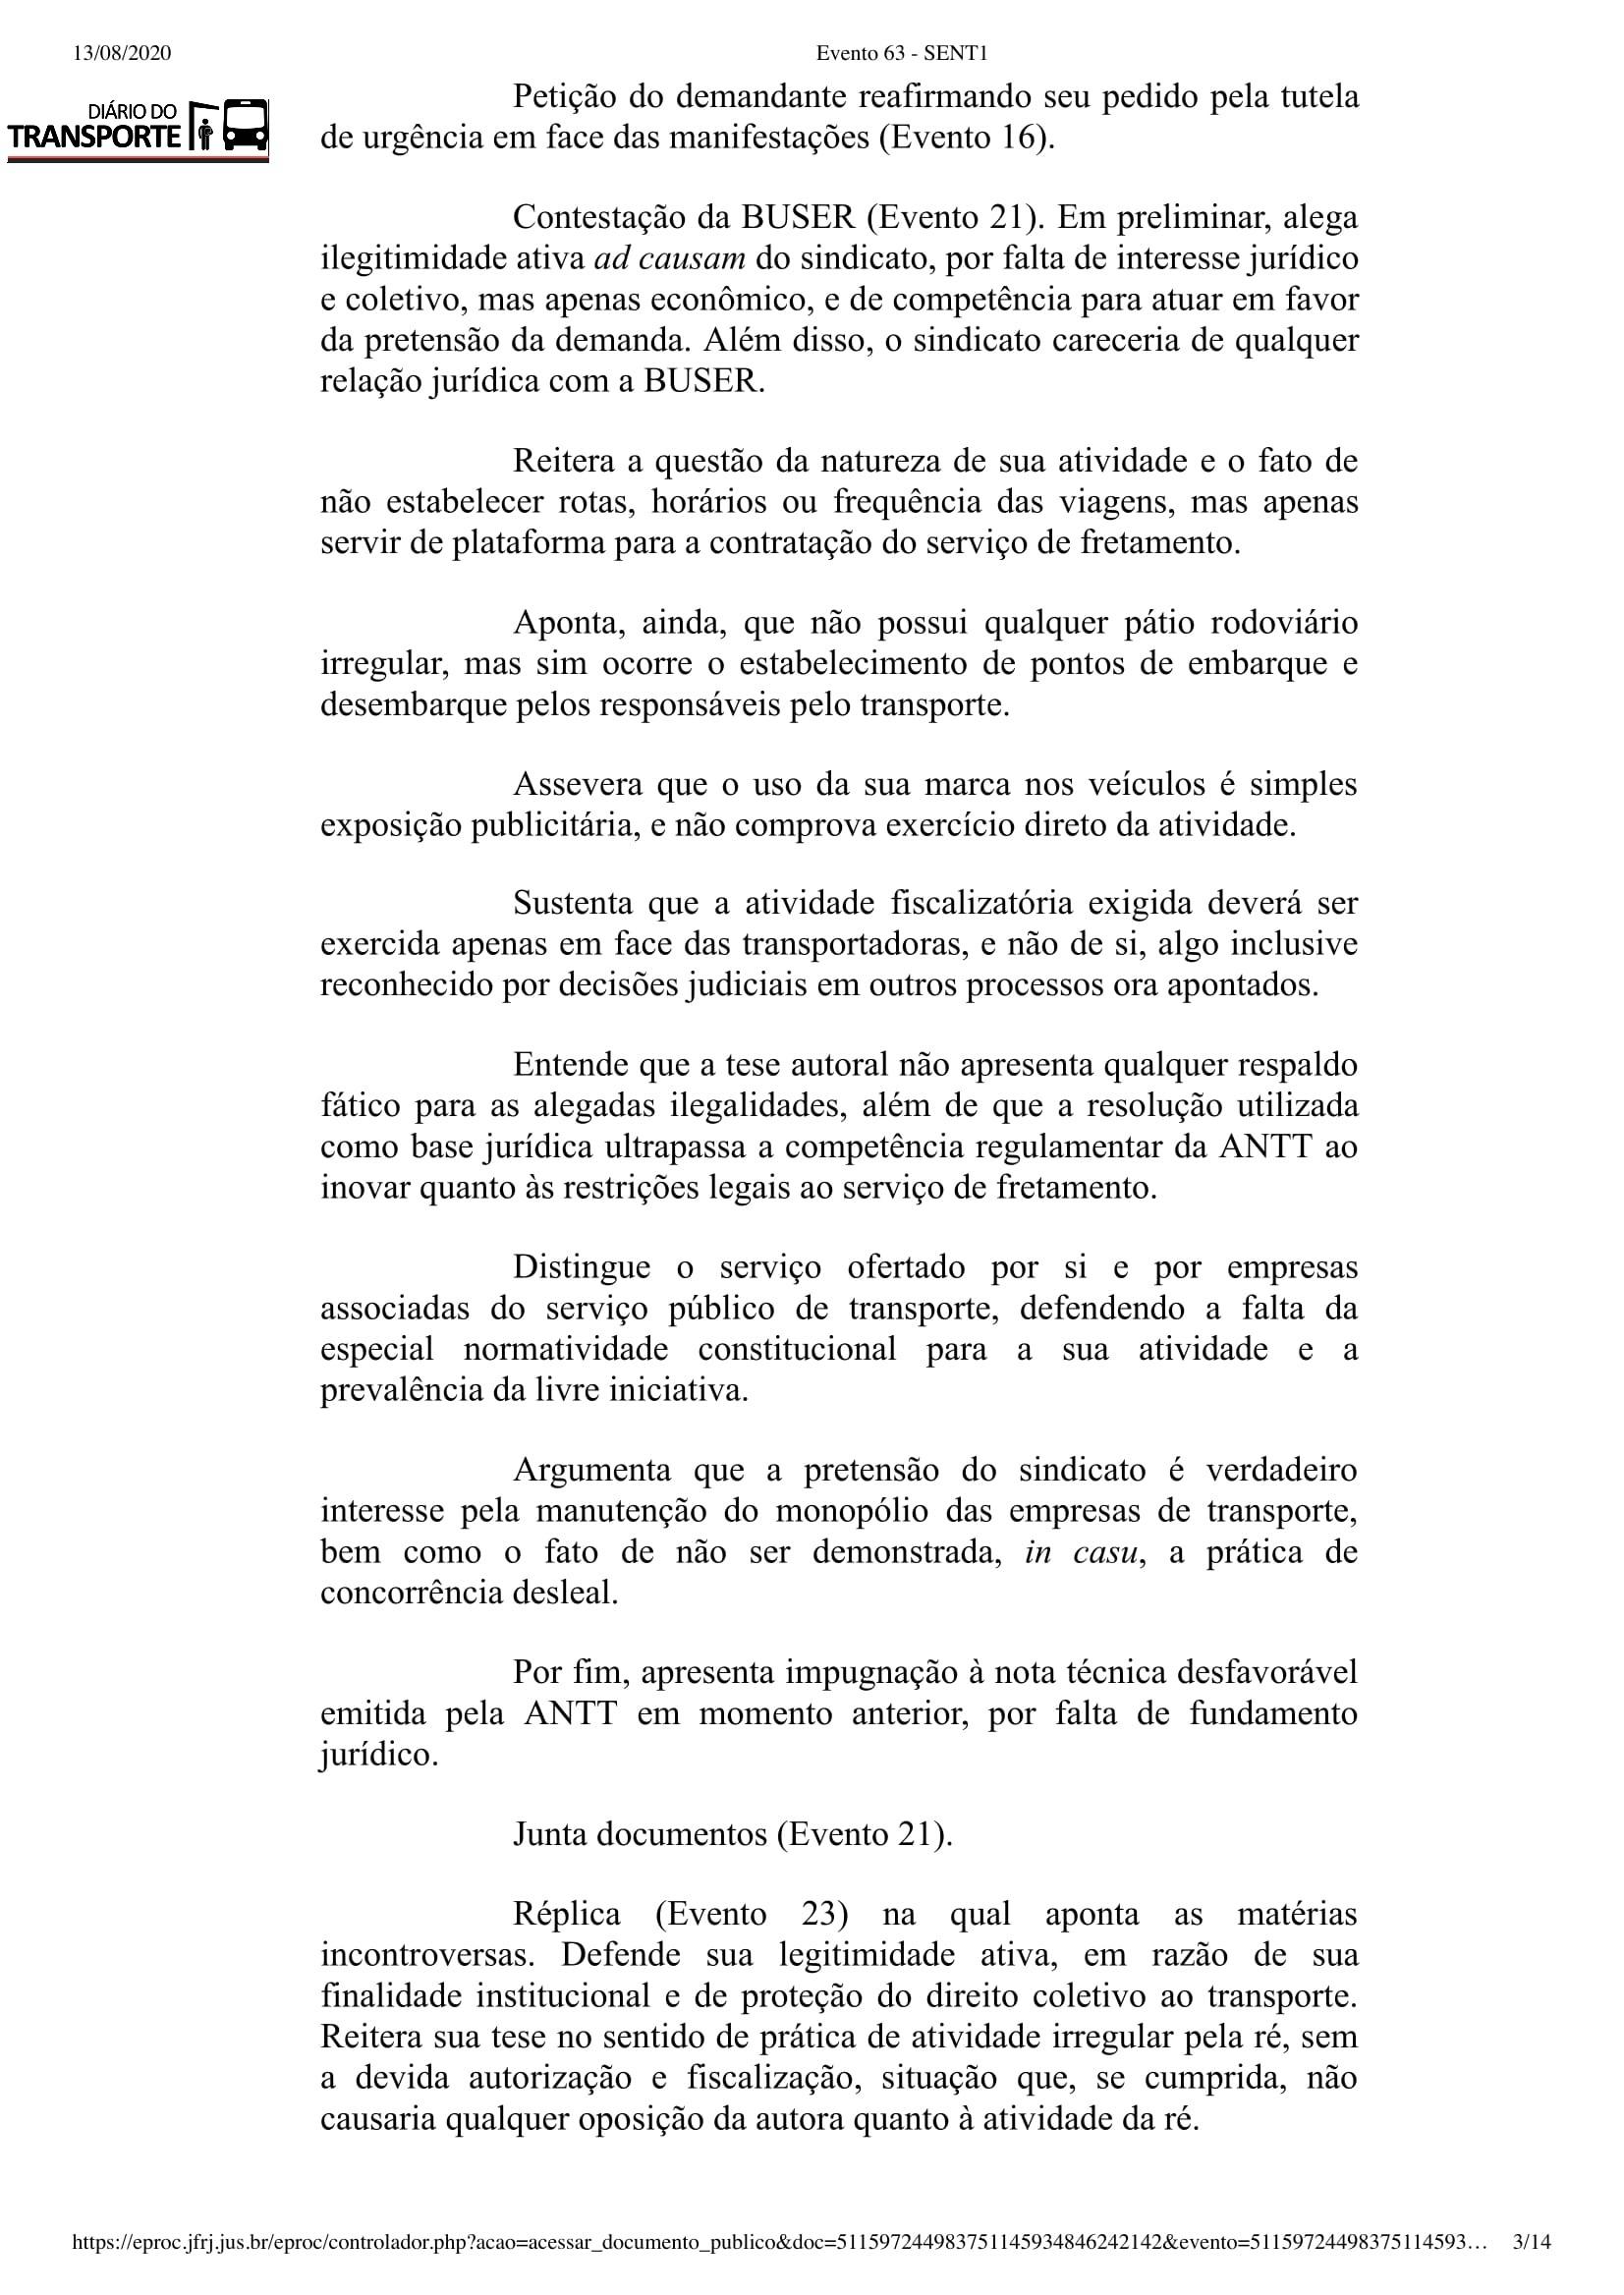 Sentença-14-paginas-03